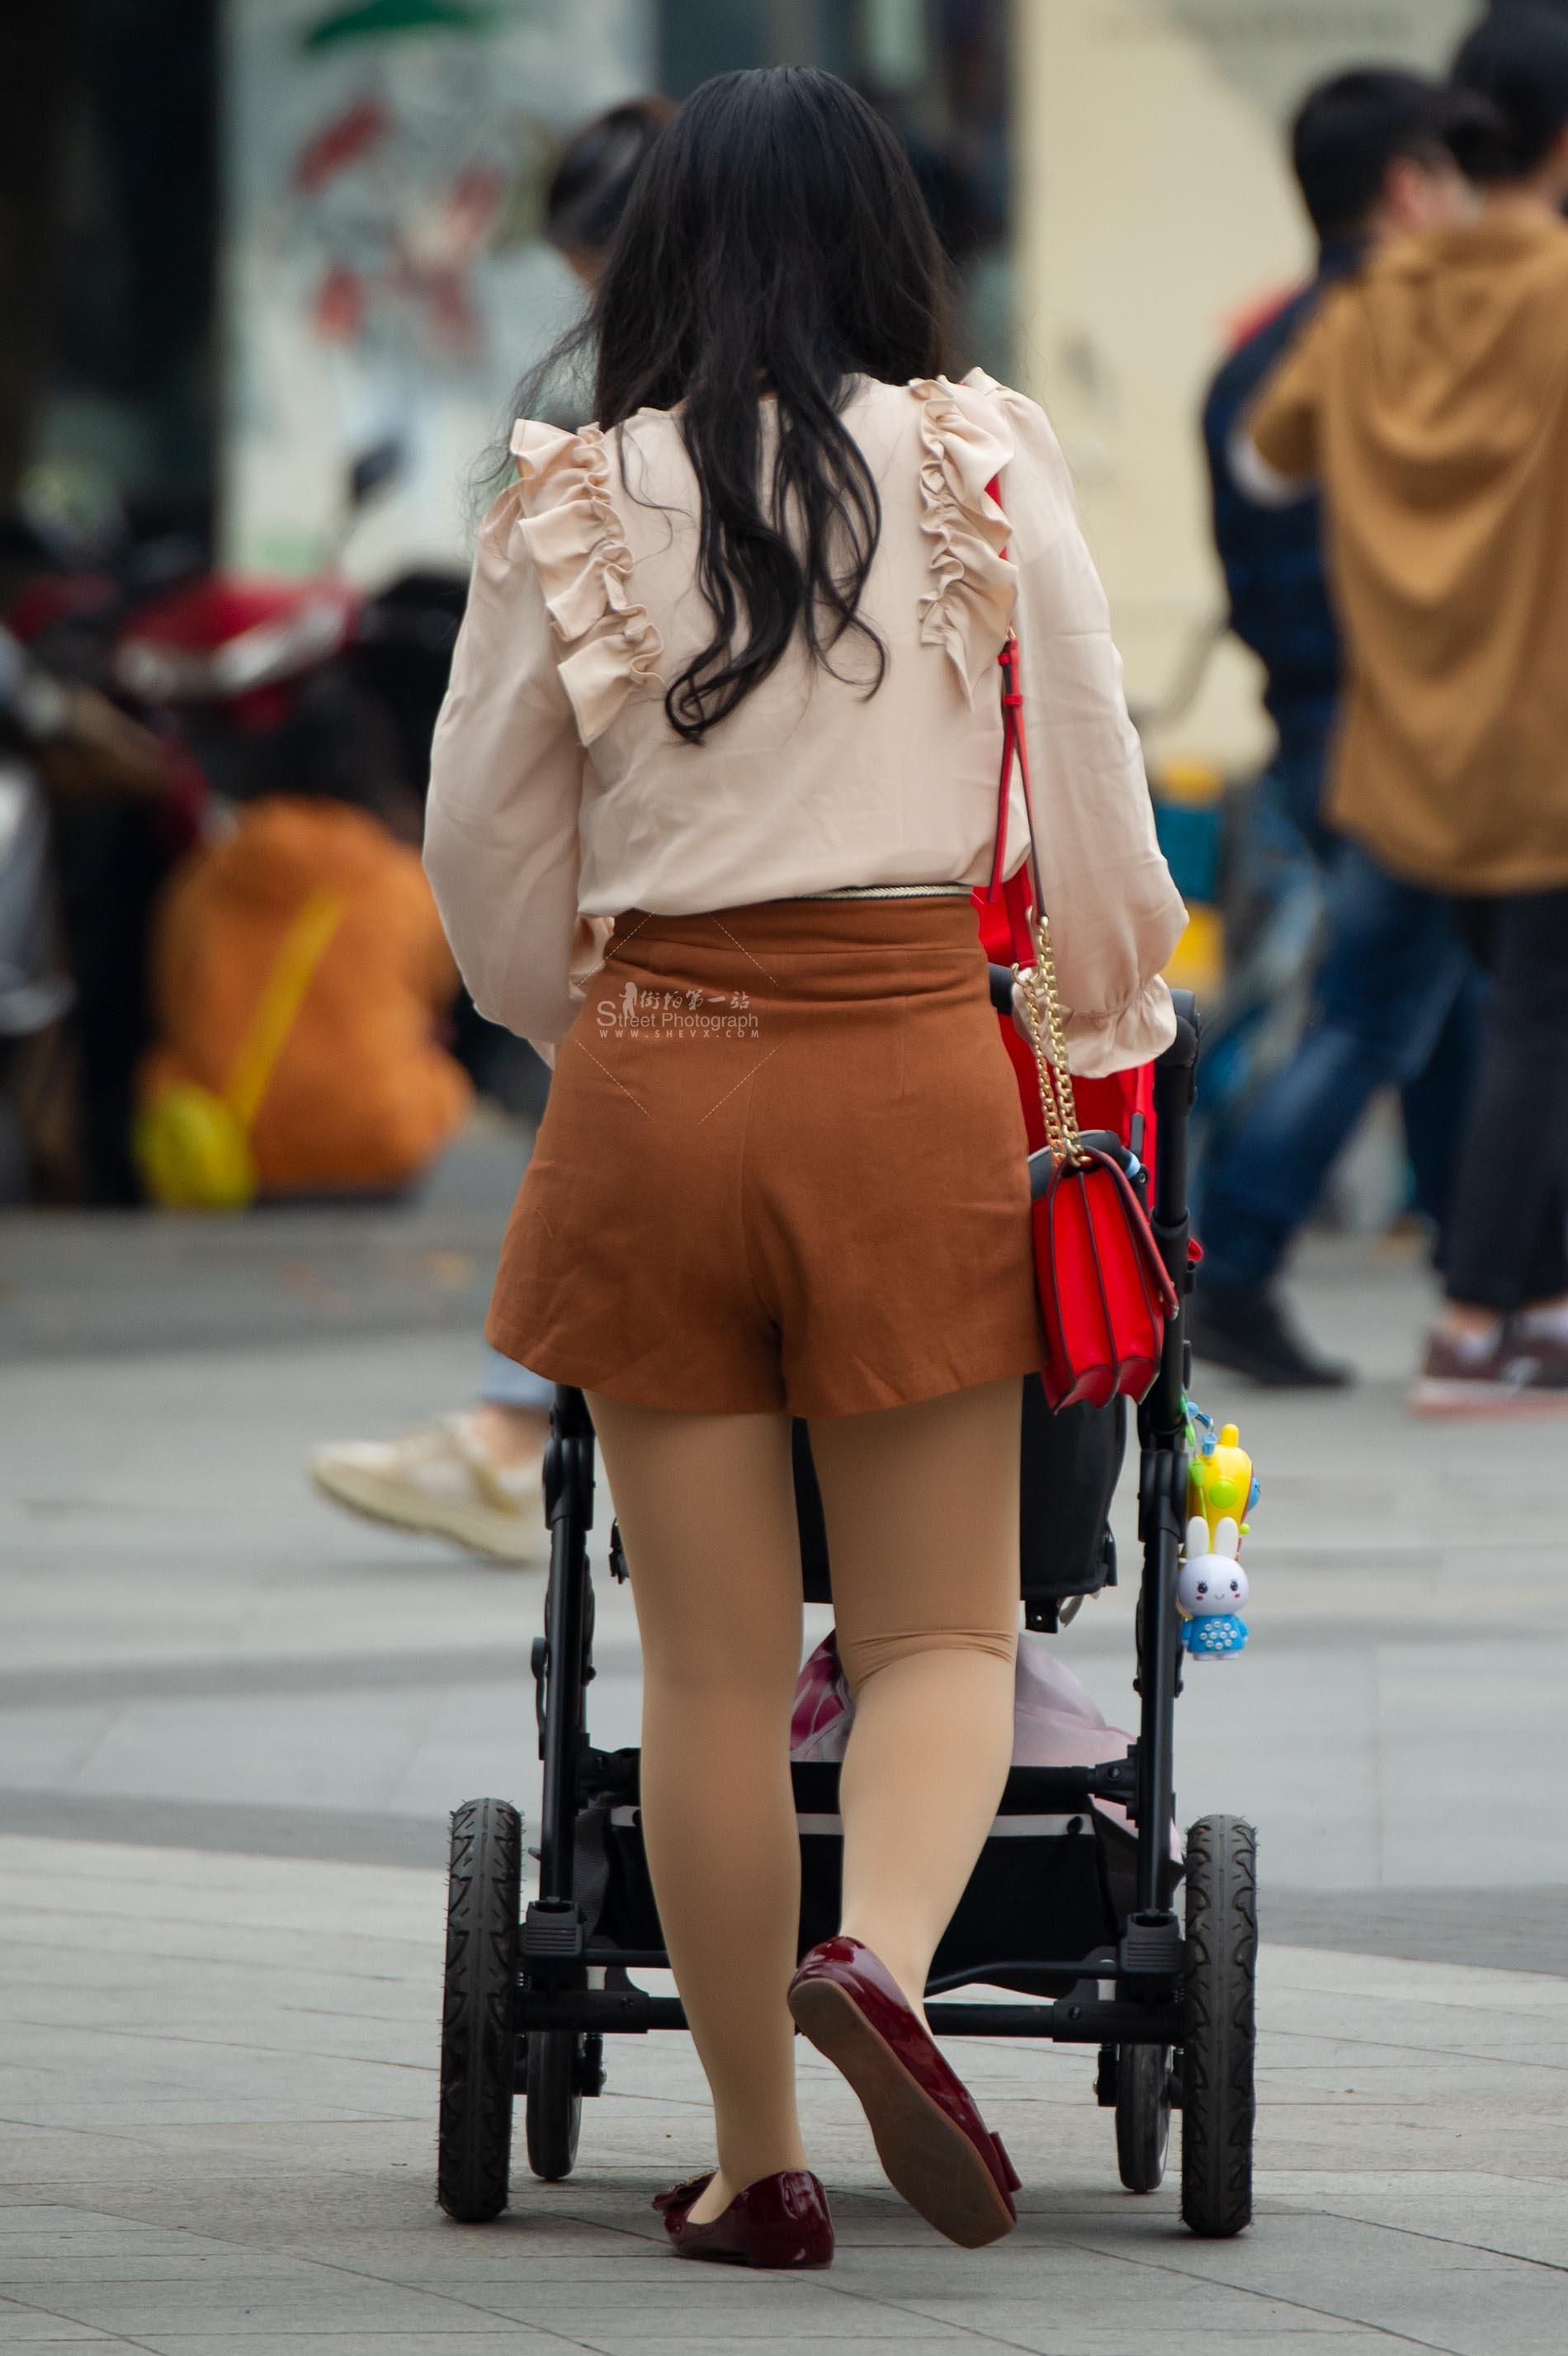 【原创】 丝袜平底鞋嫩妈【10P】